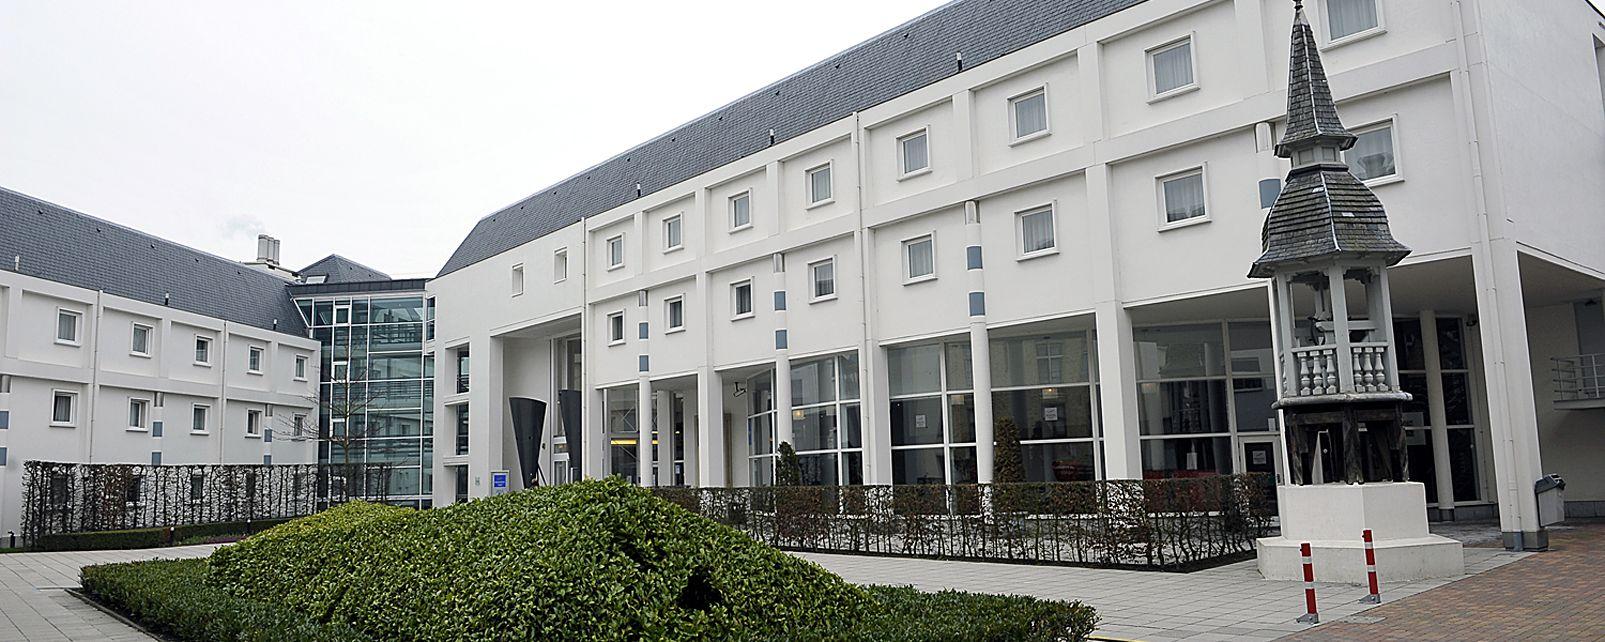 Hôtel Novotel Brugge Centrum